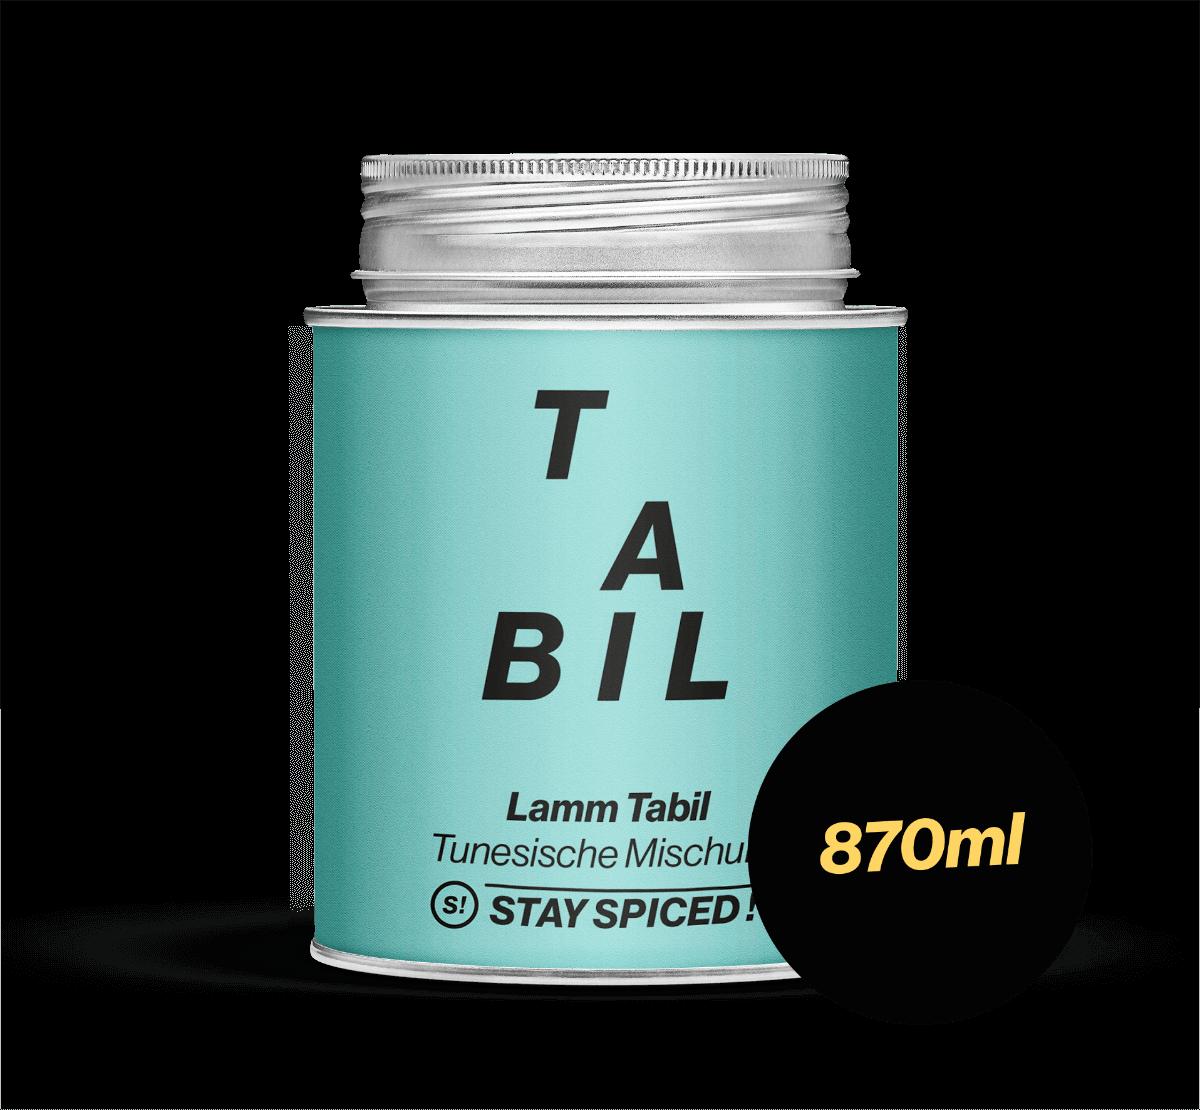 Lammgewürz ''tabil' - tunesisch, 870 ml Schraubdose 870ml Schraubdose